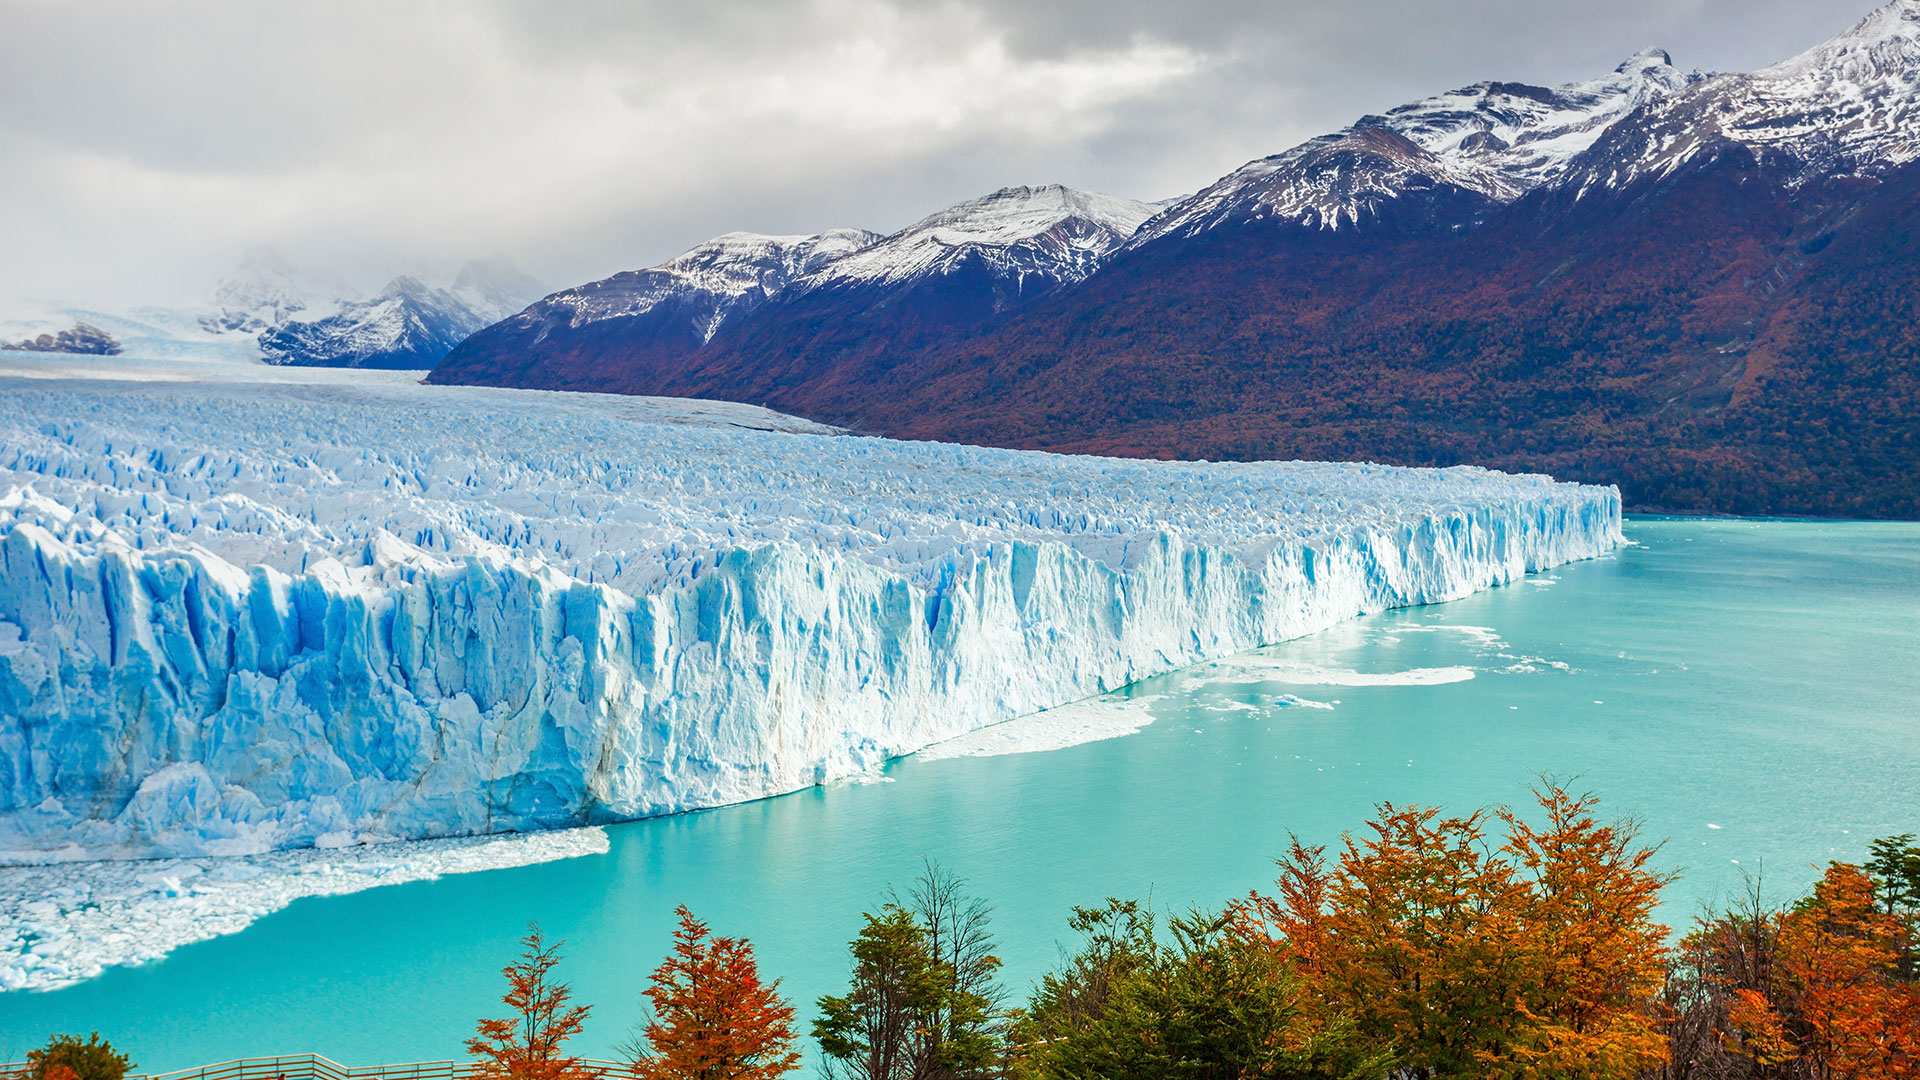 El glaciar Perito Moreno es uno de los atractivos más fuertes de la Patagonia. (getty)